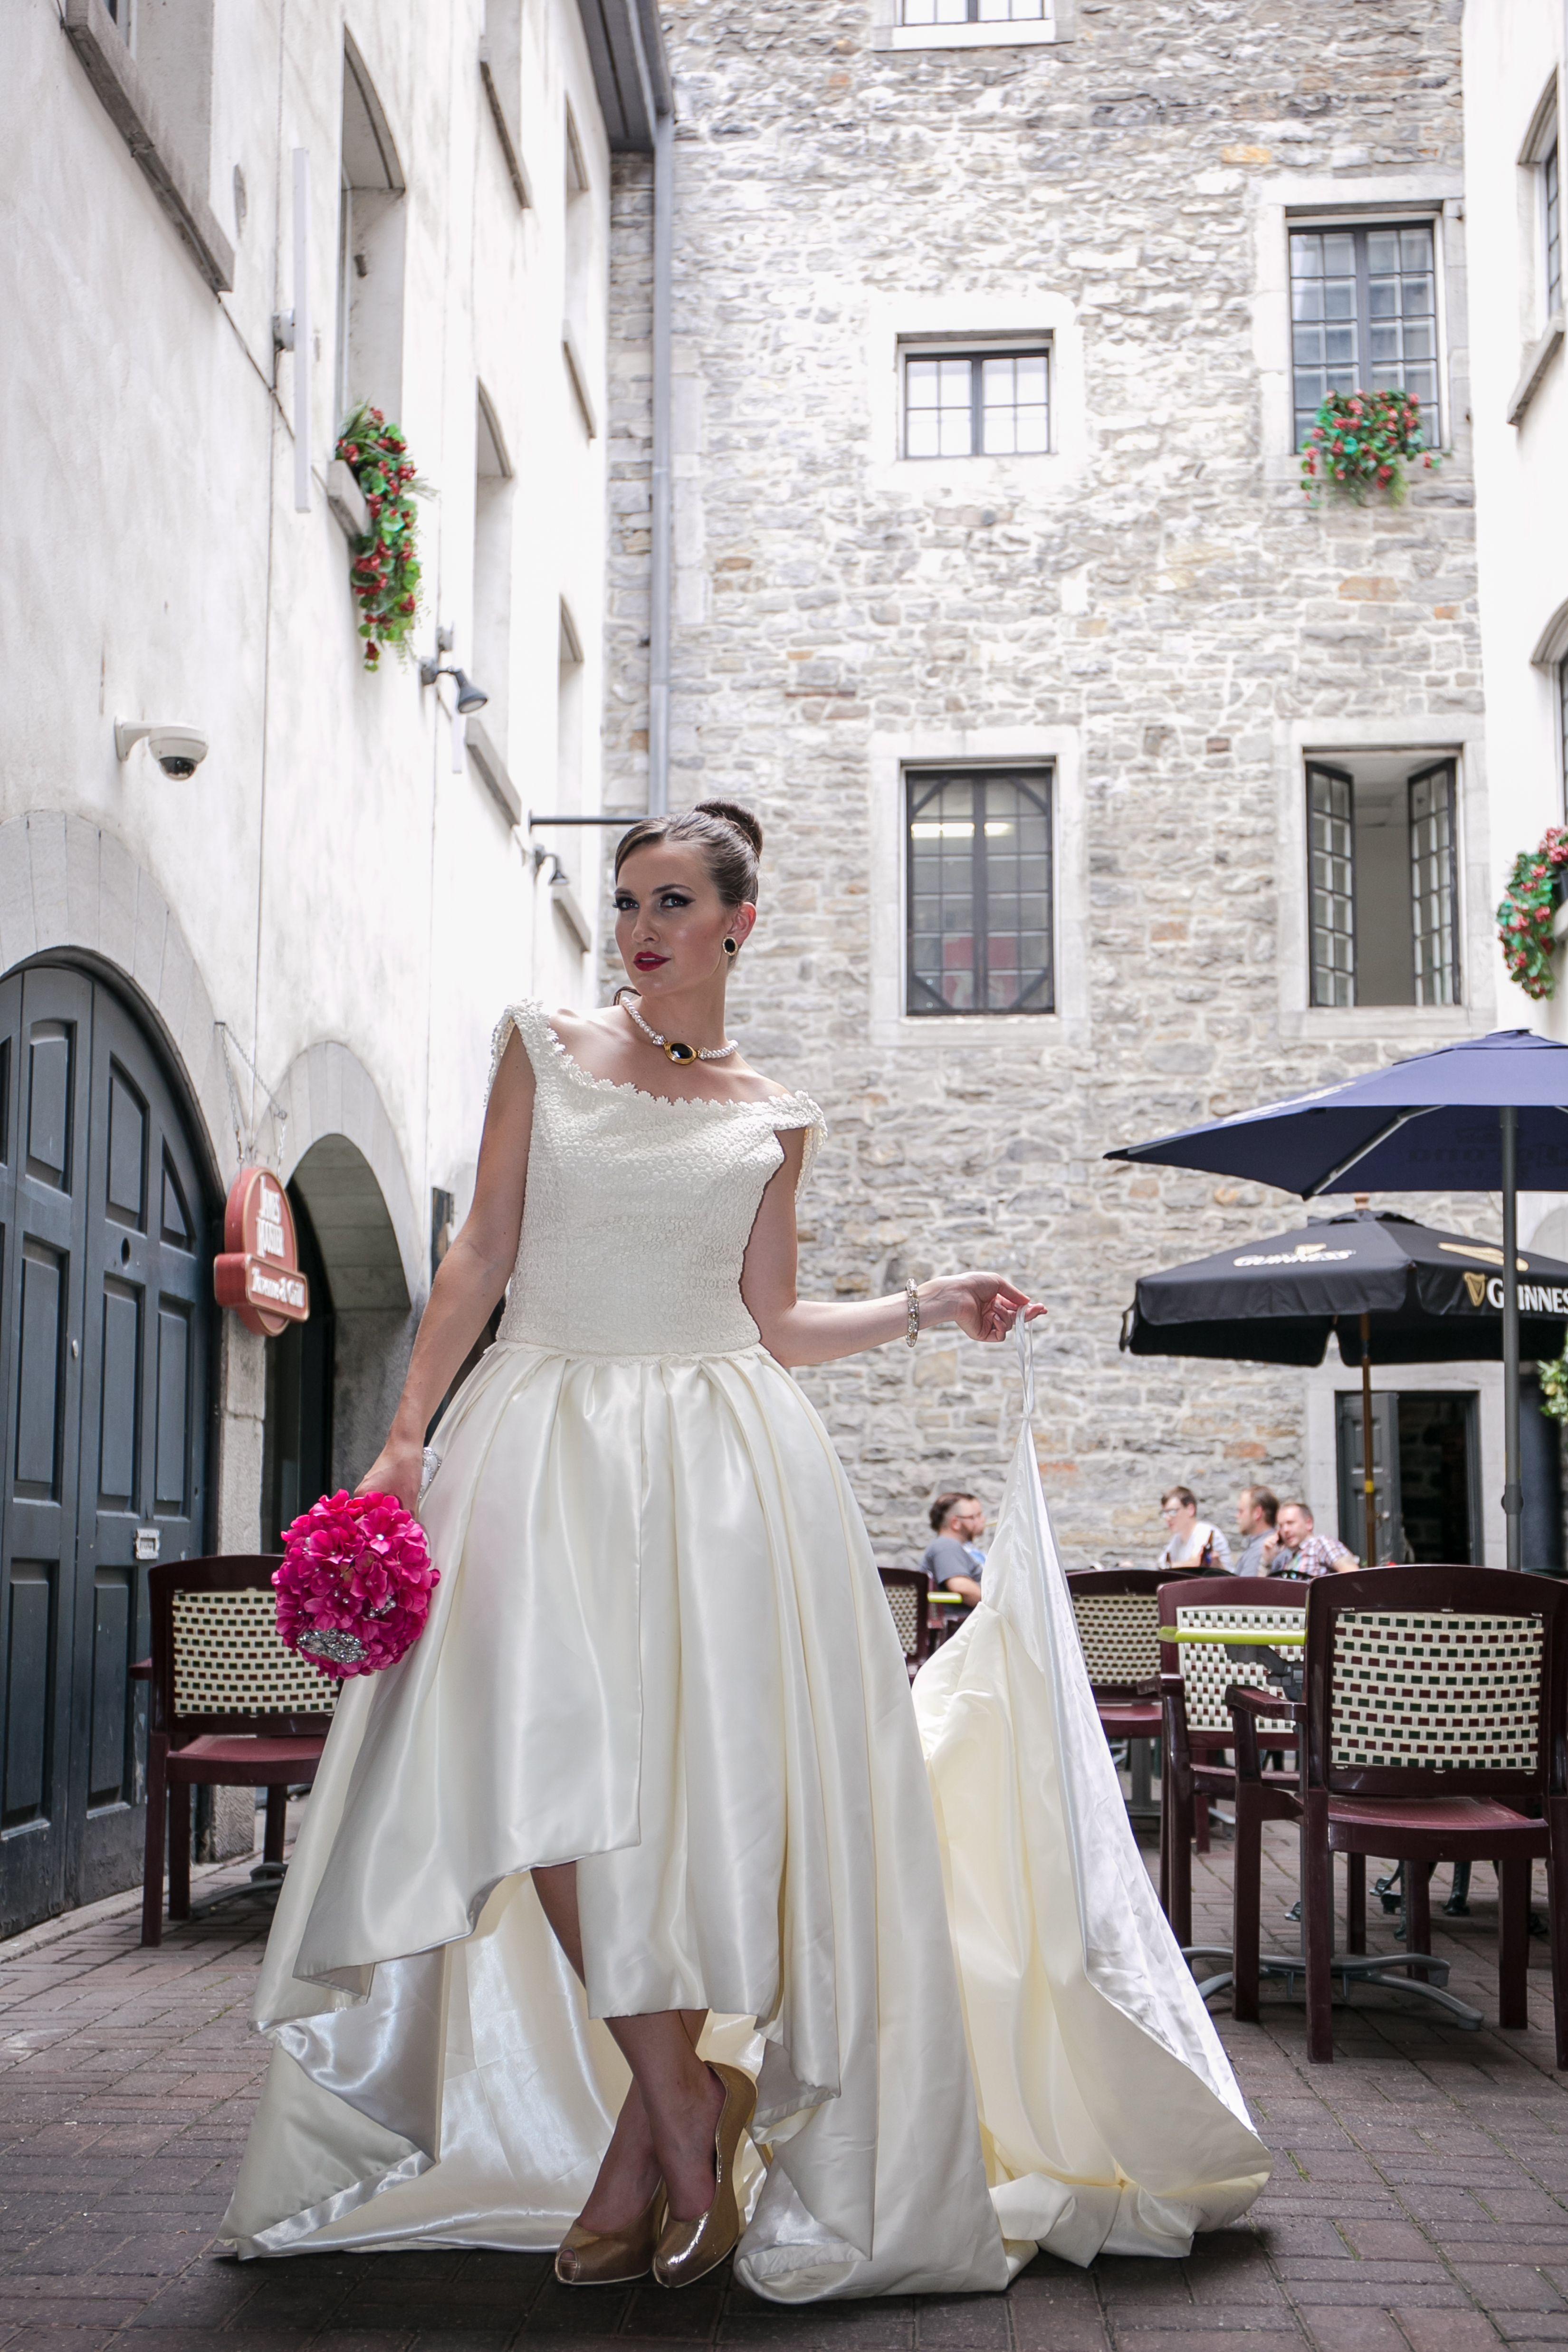 Covered shoulder wedding dresses  Audreyu  Simple elegance Satin skirt cut just below the knee in